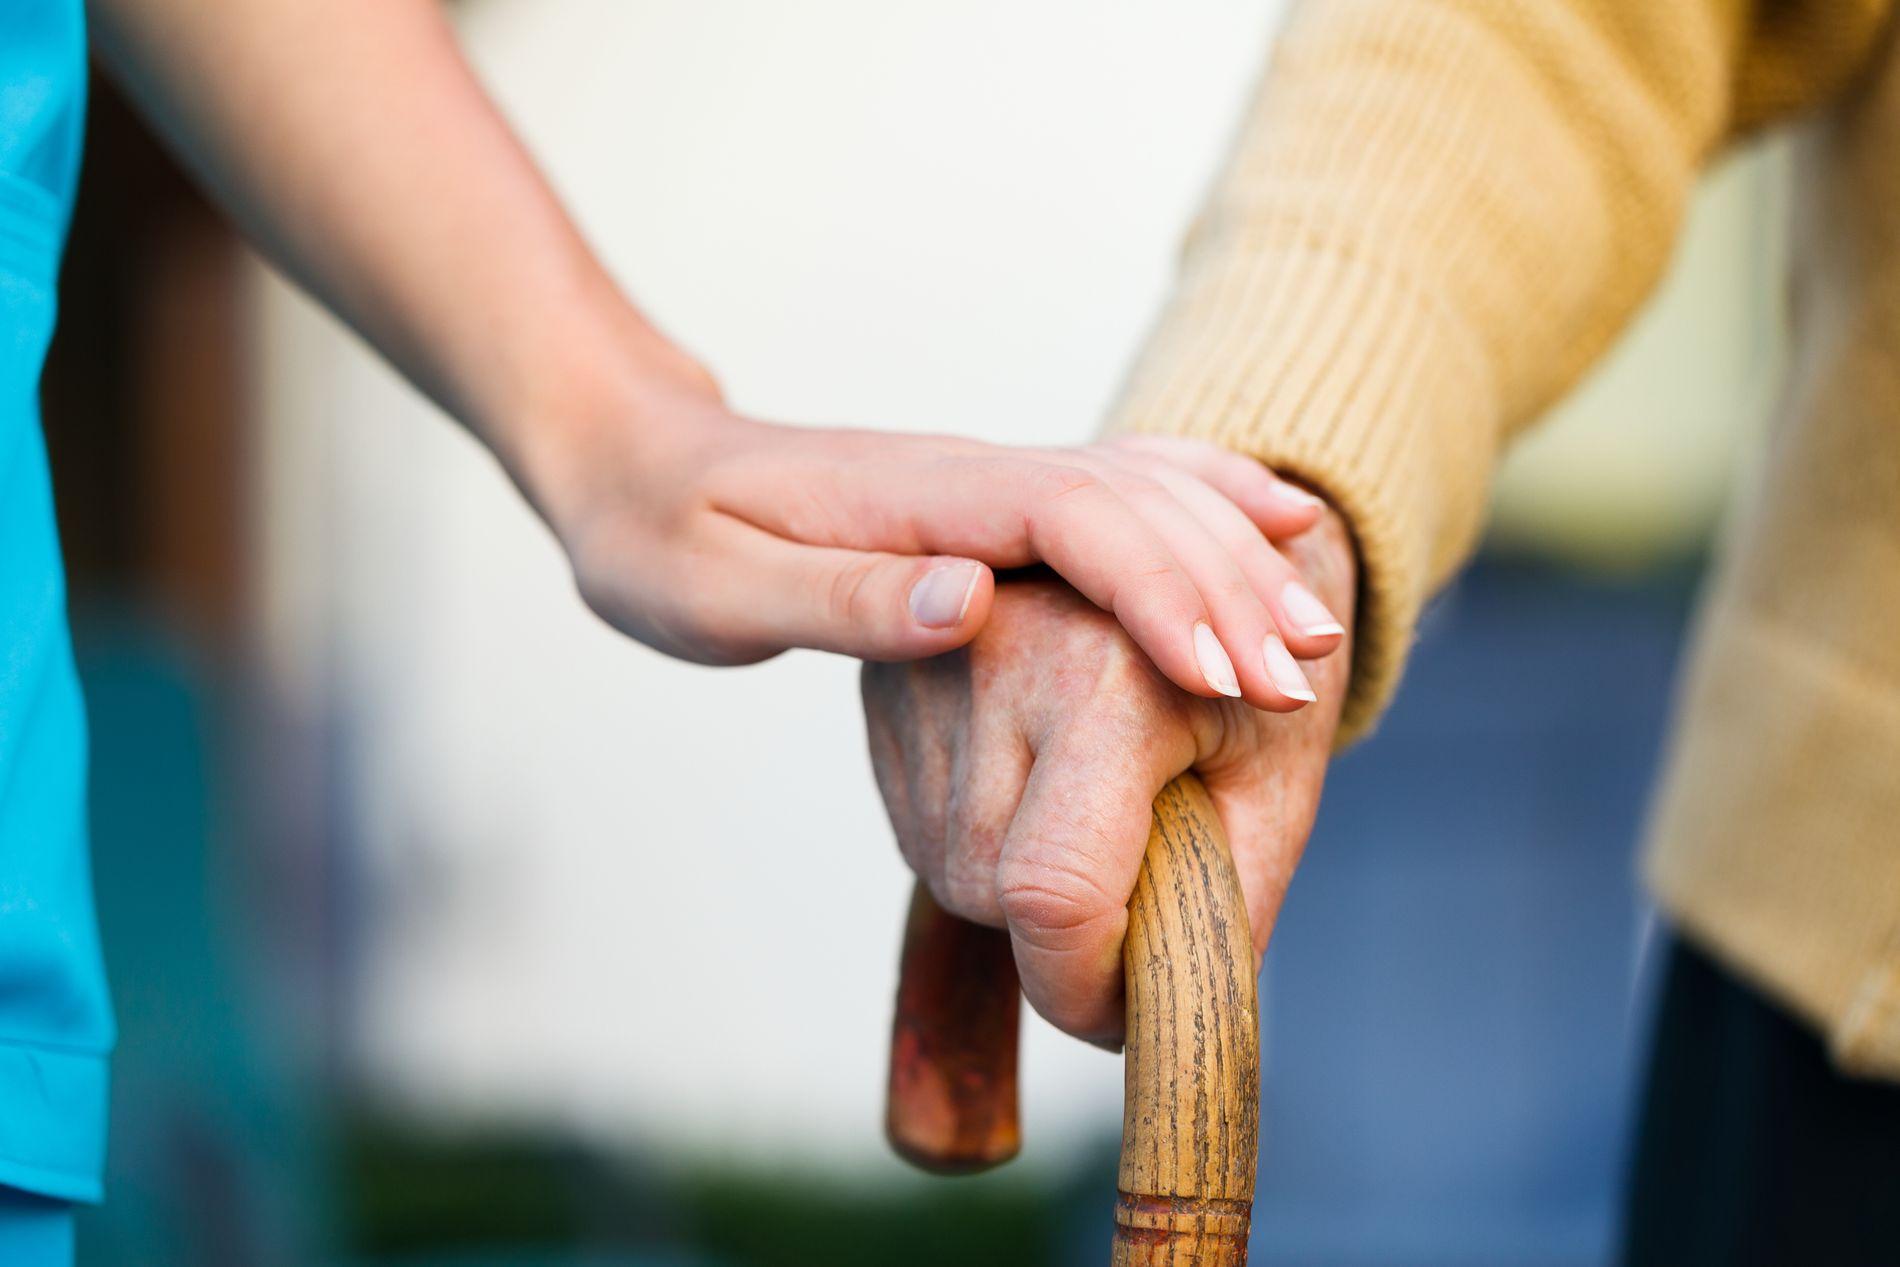 VARME HENDER: Det kan bli få til å ta seg av de eldre i en del norske kommuner, viser befolkningsfremskrivninger fra Statistisk sentralbyrå.